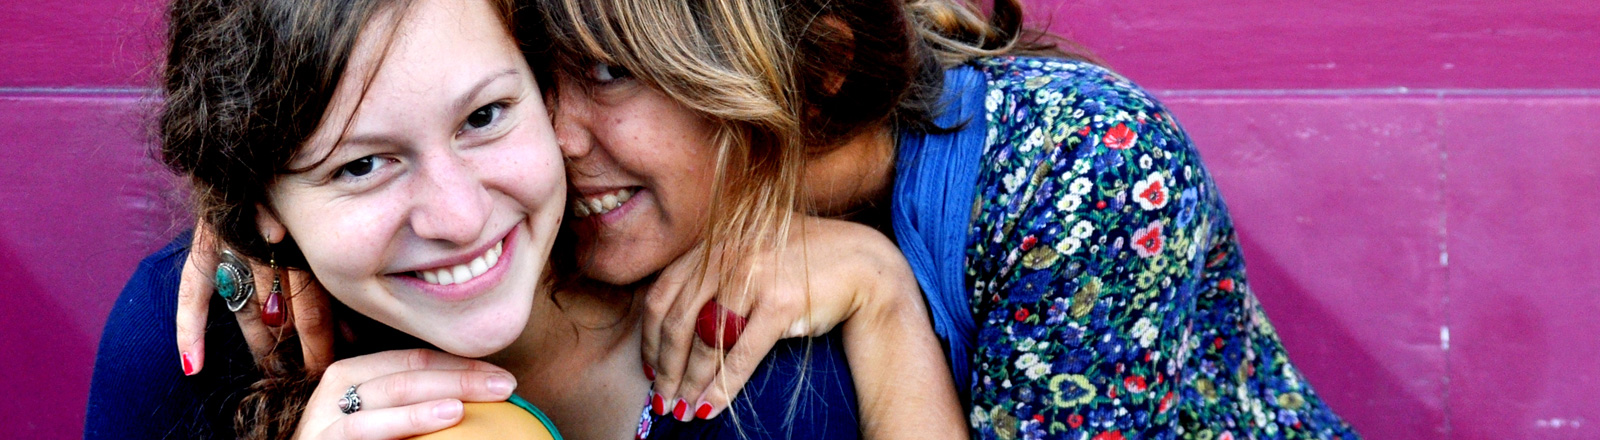 Zwei Frauen sitzen eng zusammen und lachen. Die eine hat den Arm über die Schulter der anderen gelegt.